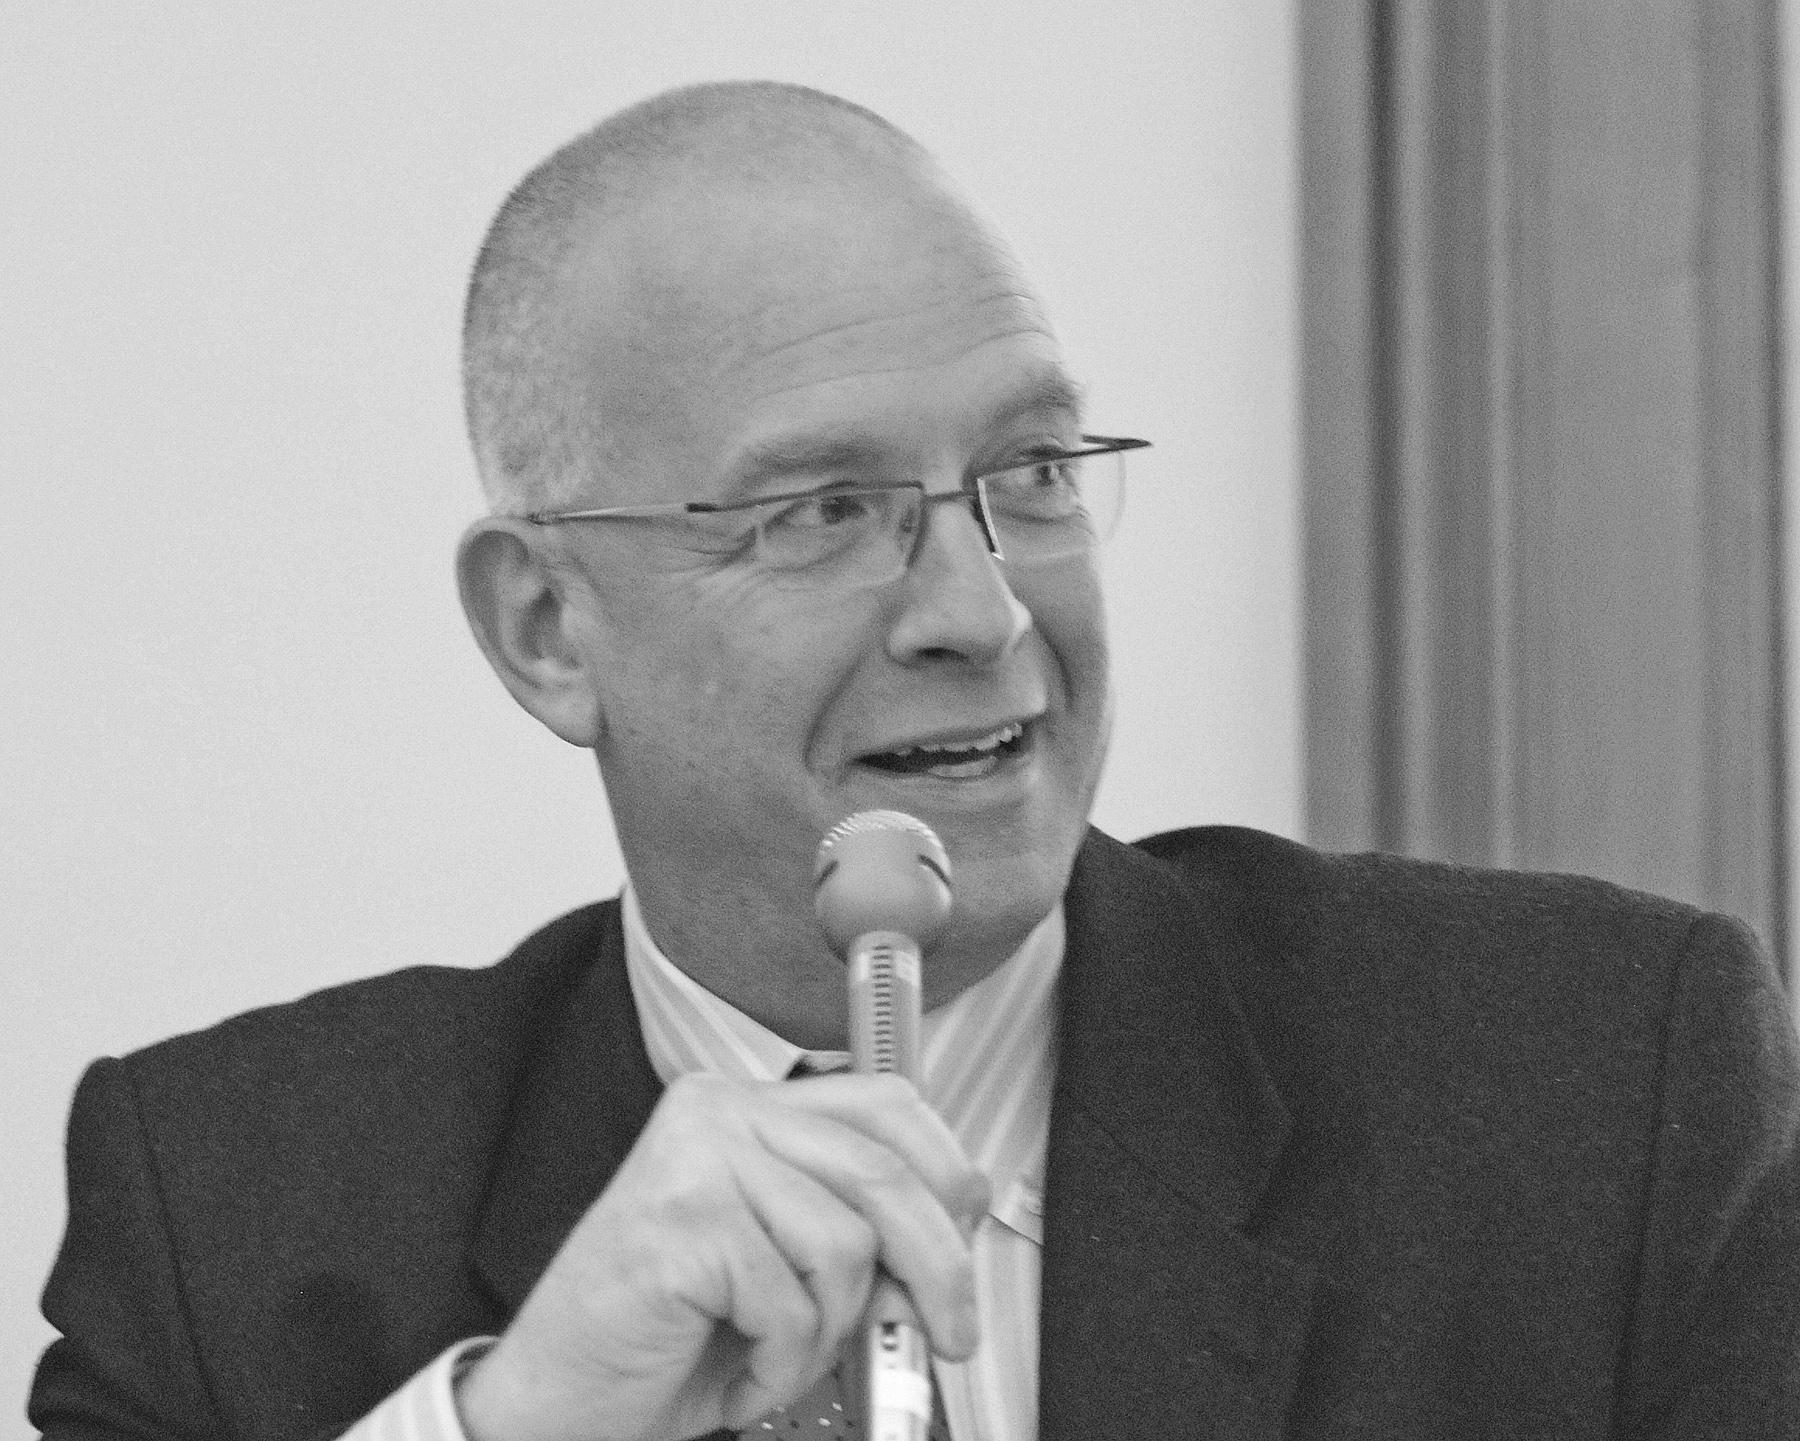 University of Utah Law Professor Amos Guiora